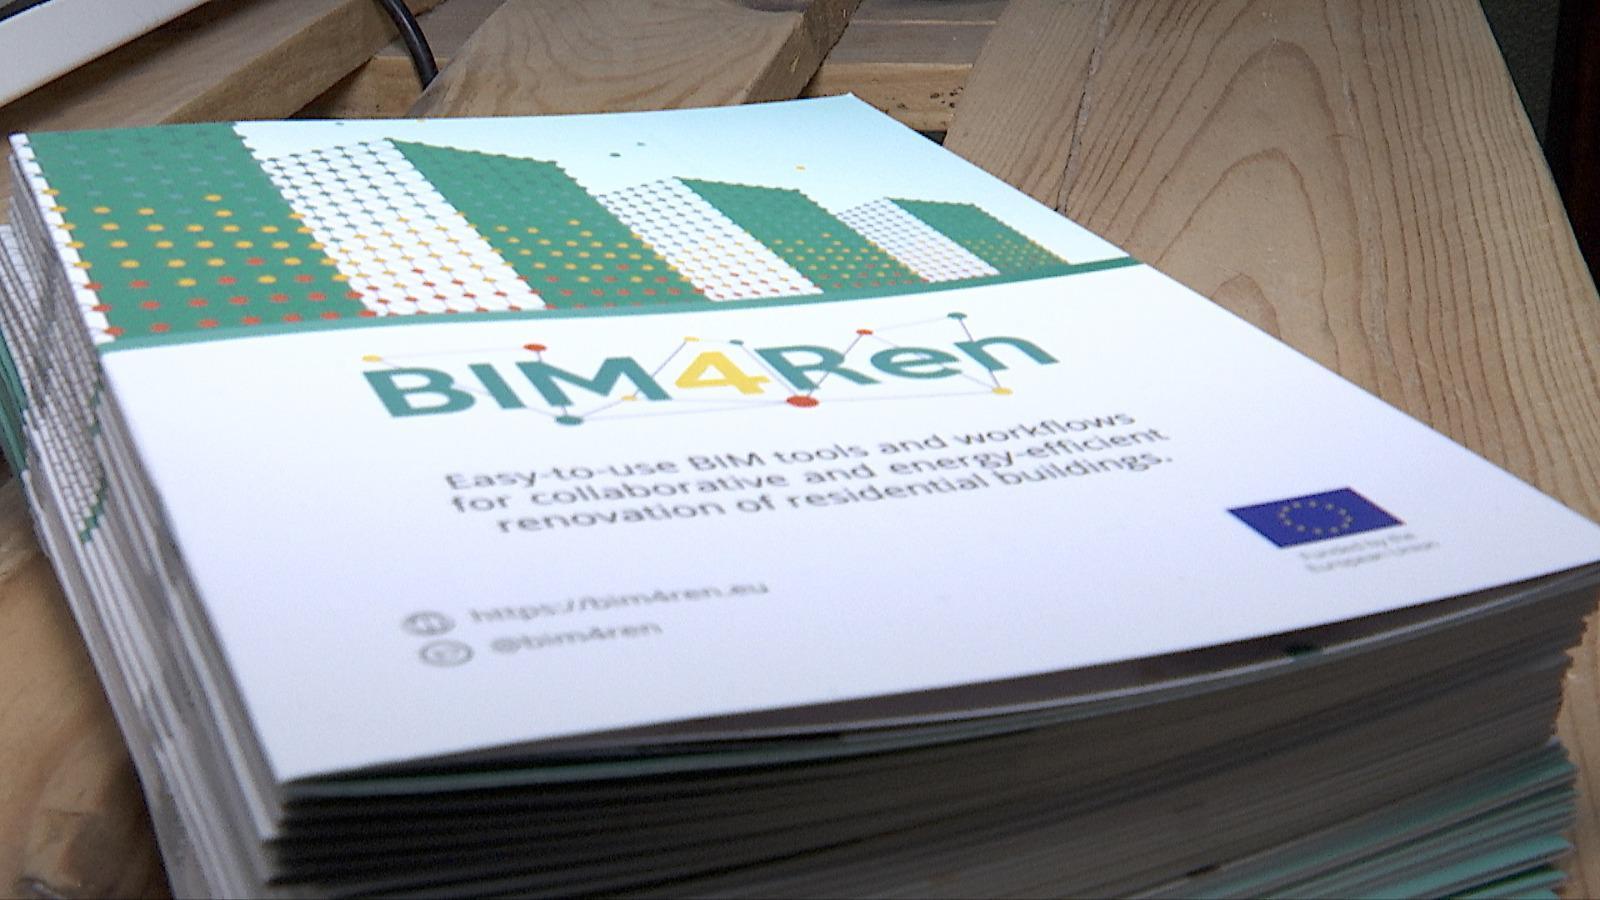 imagen 4 de noticia: bim4ren-se-acerca-a-donostia-para-visitar-de-primera-mano-el-edificio-piloto-que-forma-parte-del-proyecto